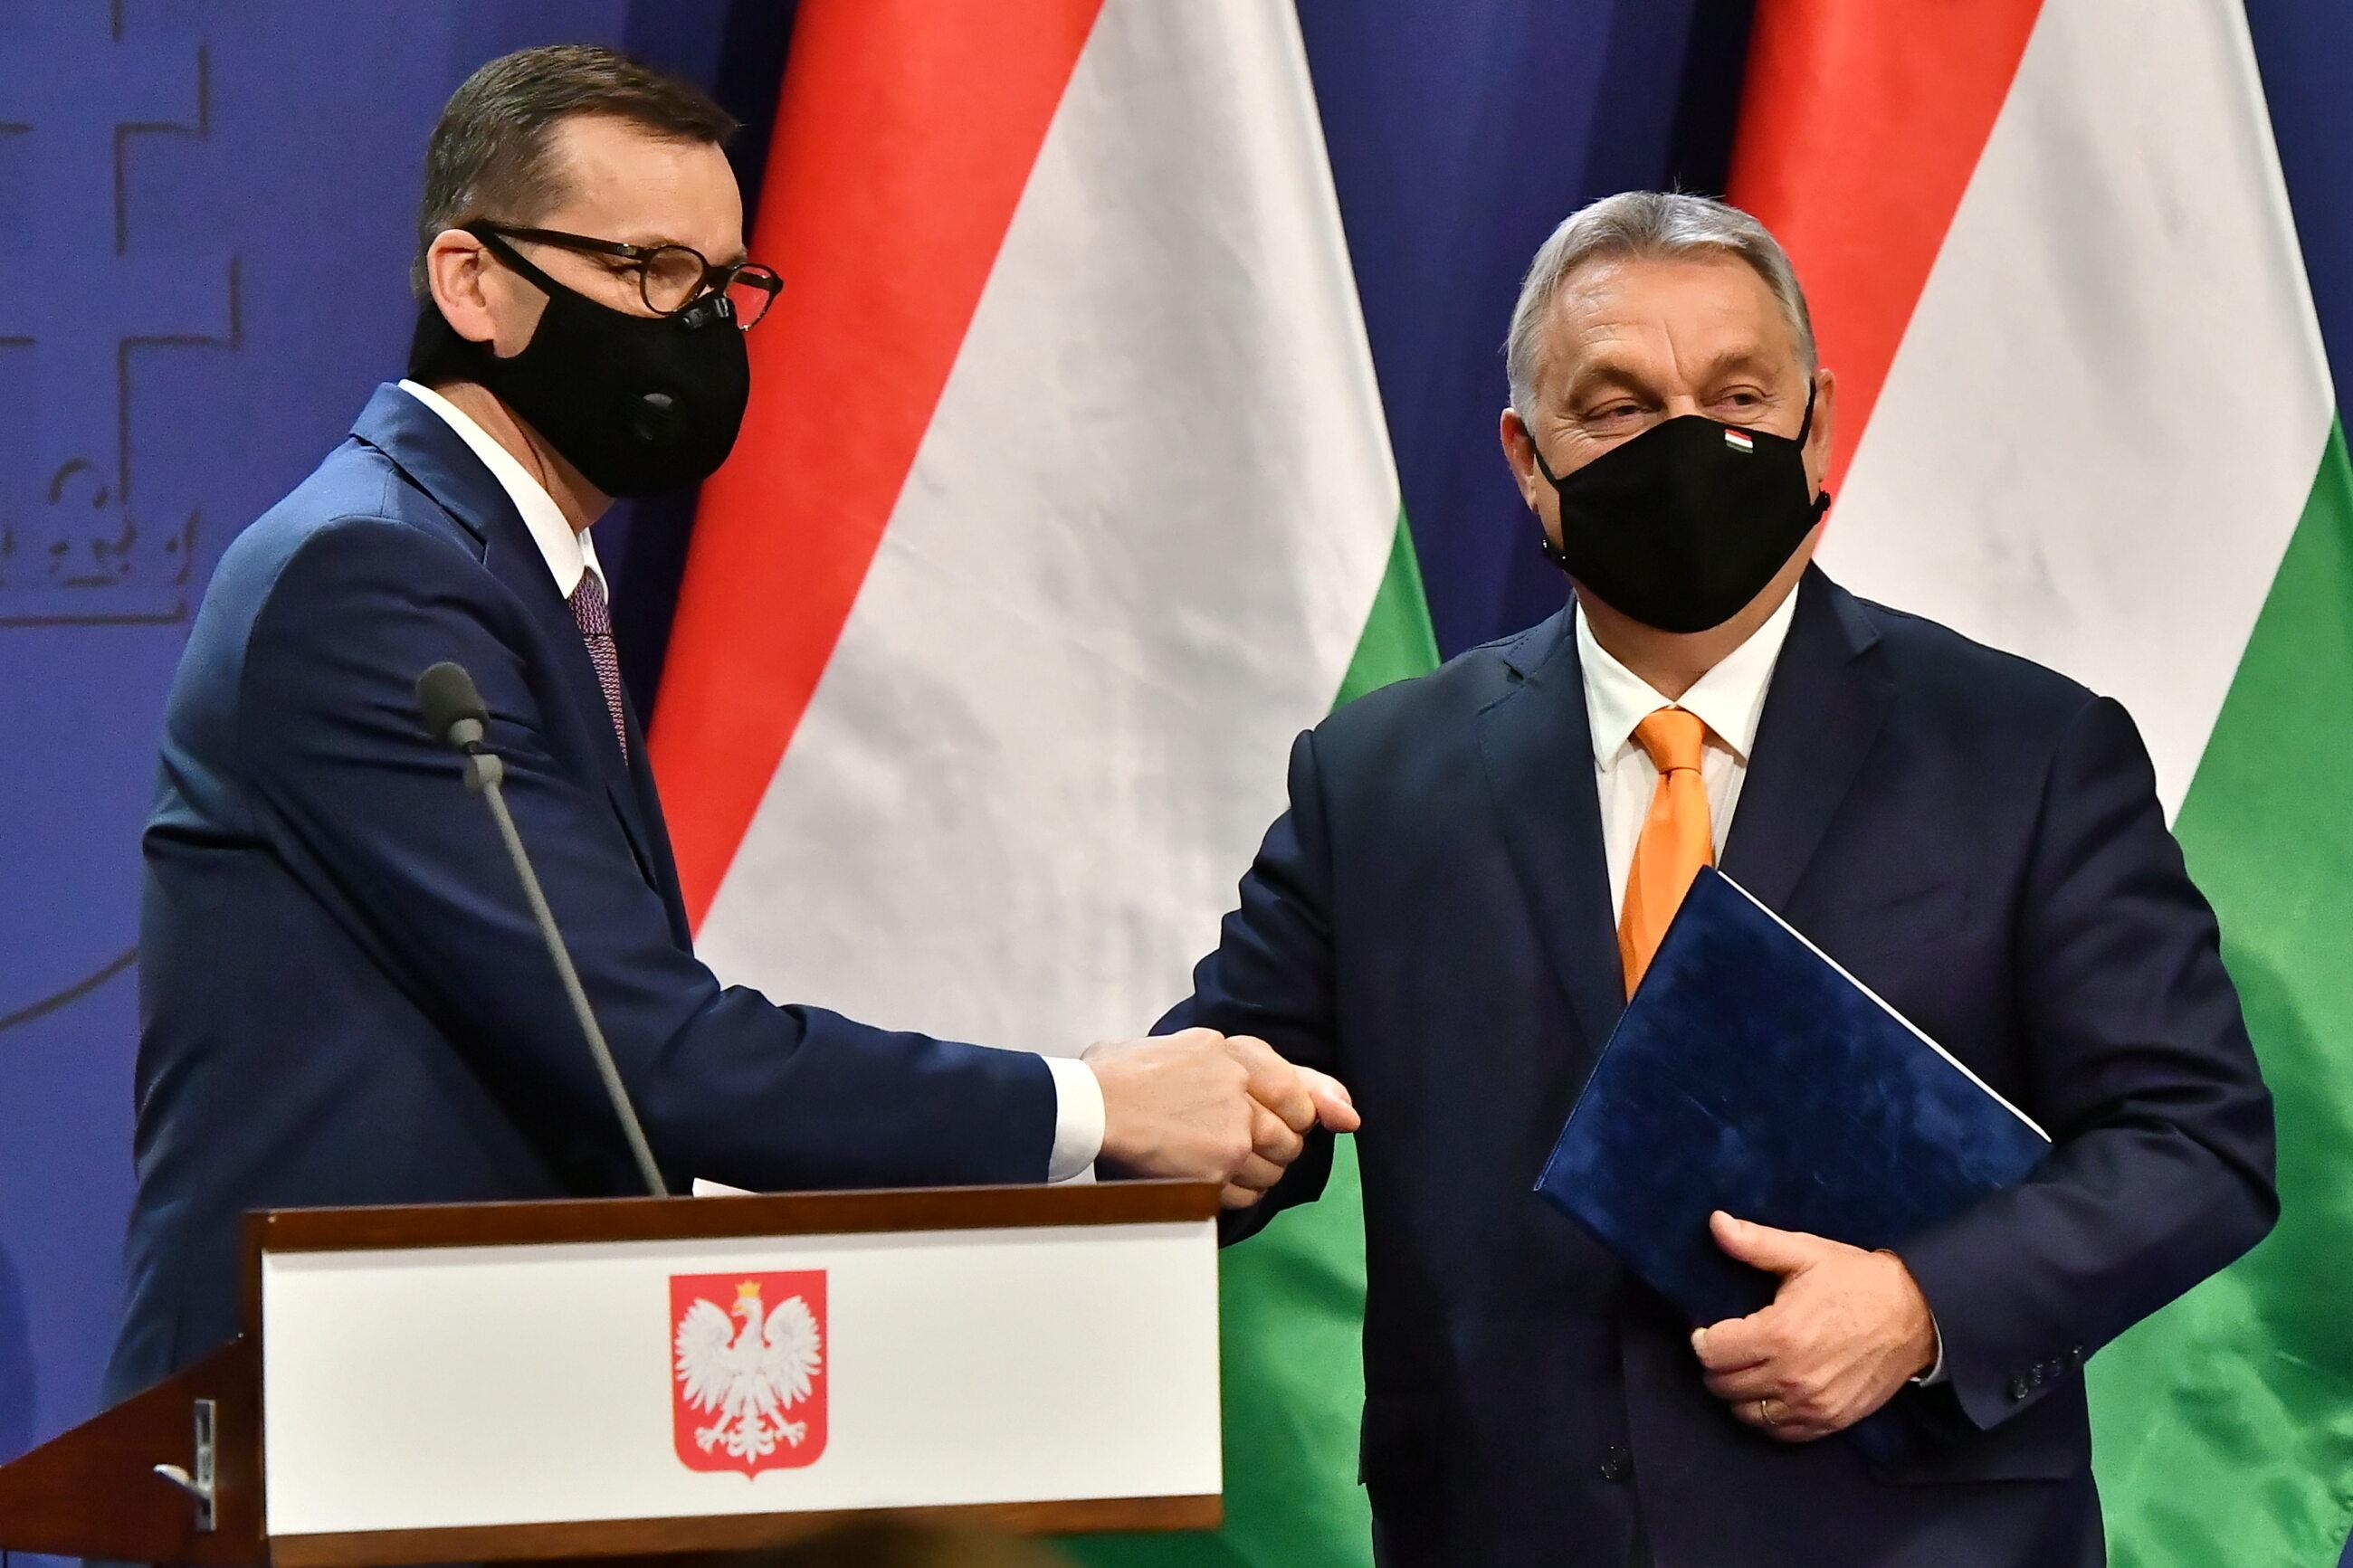 Premier Polski Mateusz Morawiecki i premier Węgier Viktor Orban podczas spotkania w Budapeszcie